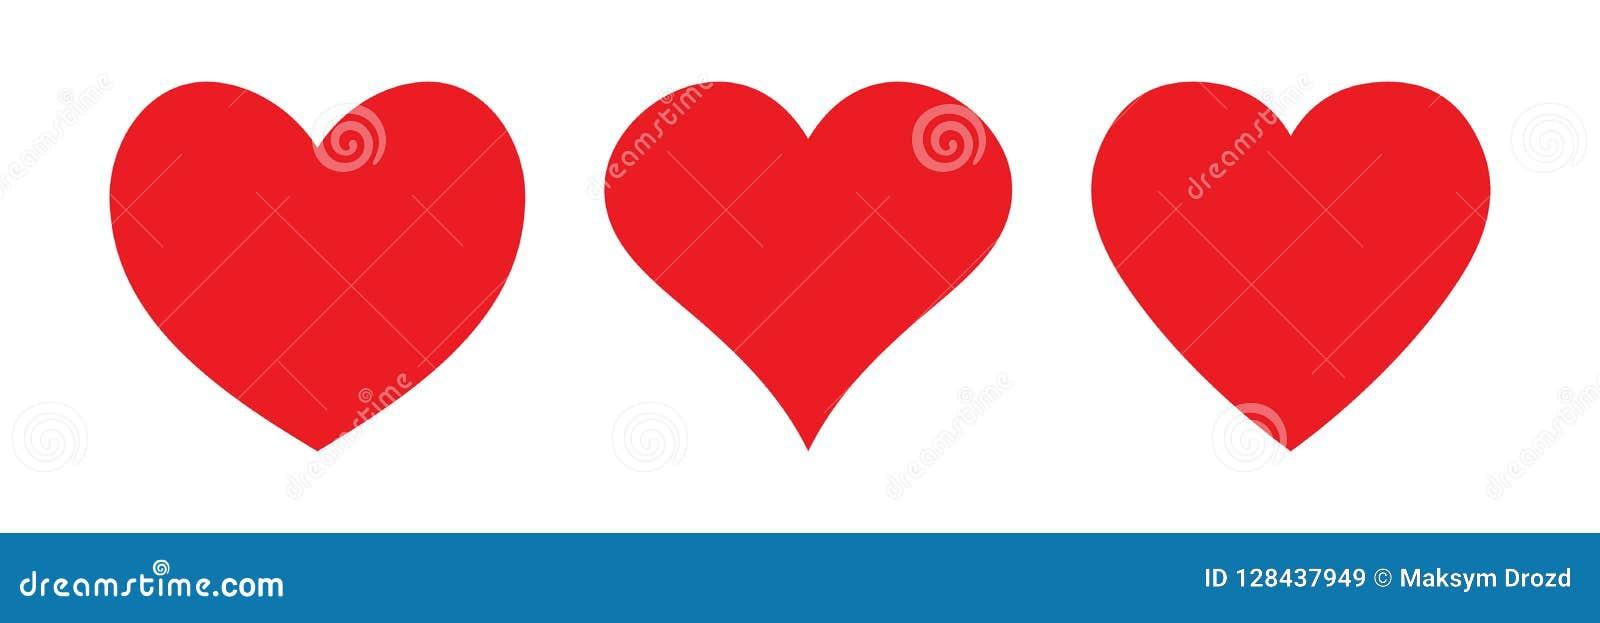 Icona rossa del cuore, icona di amore